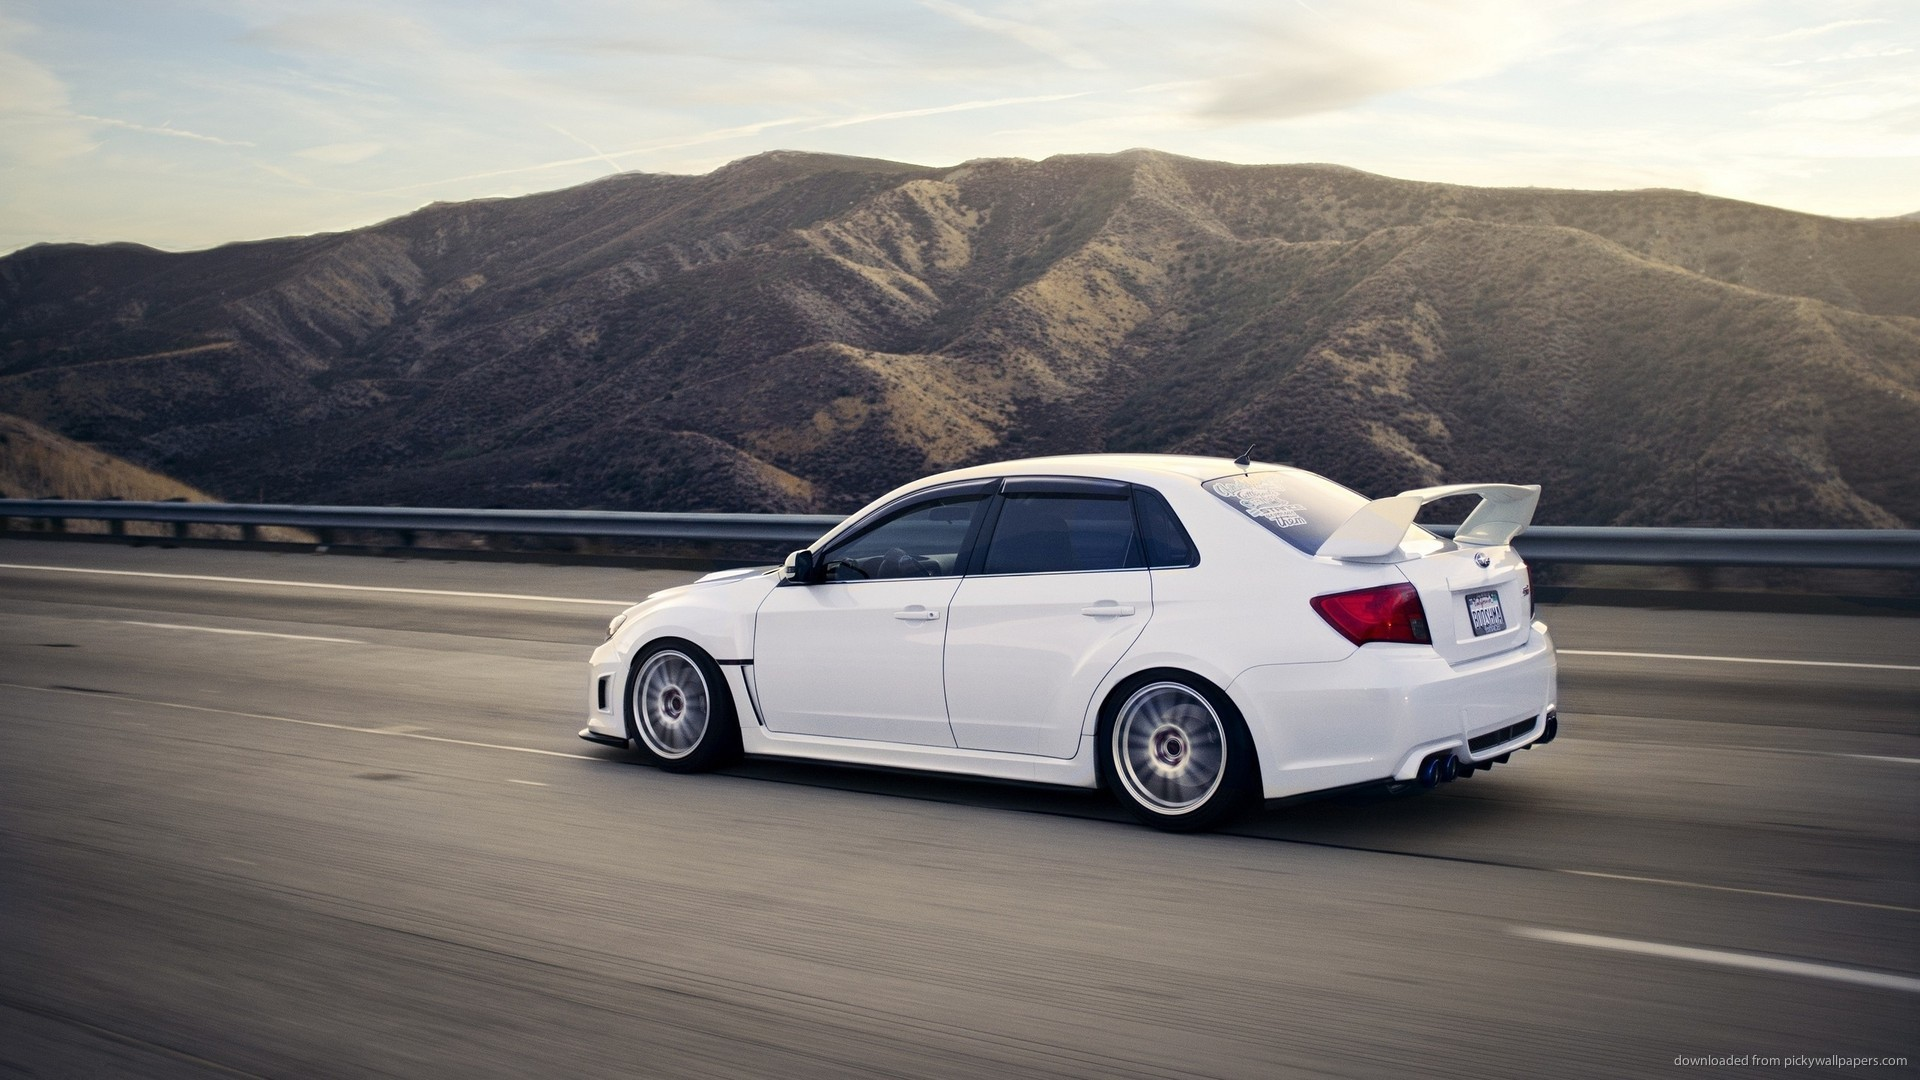 Subaru Impreza WRX STI S206 Back picture